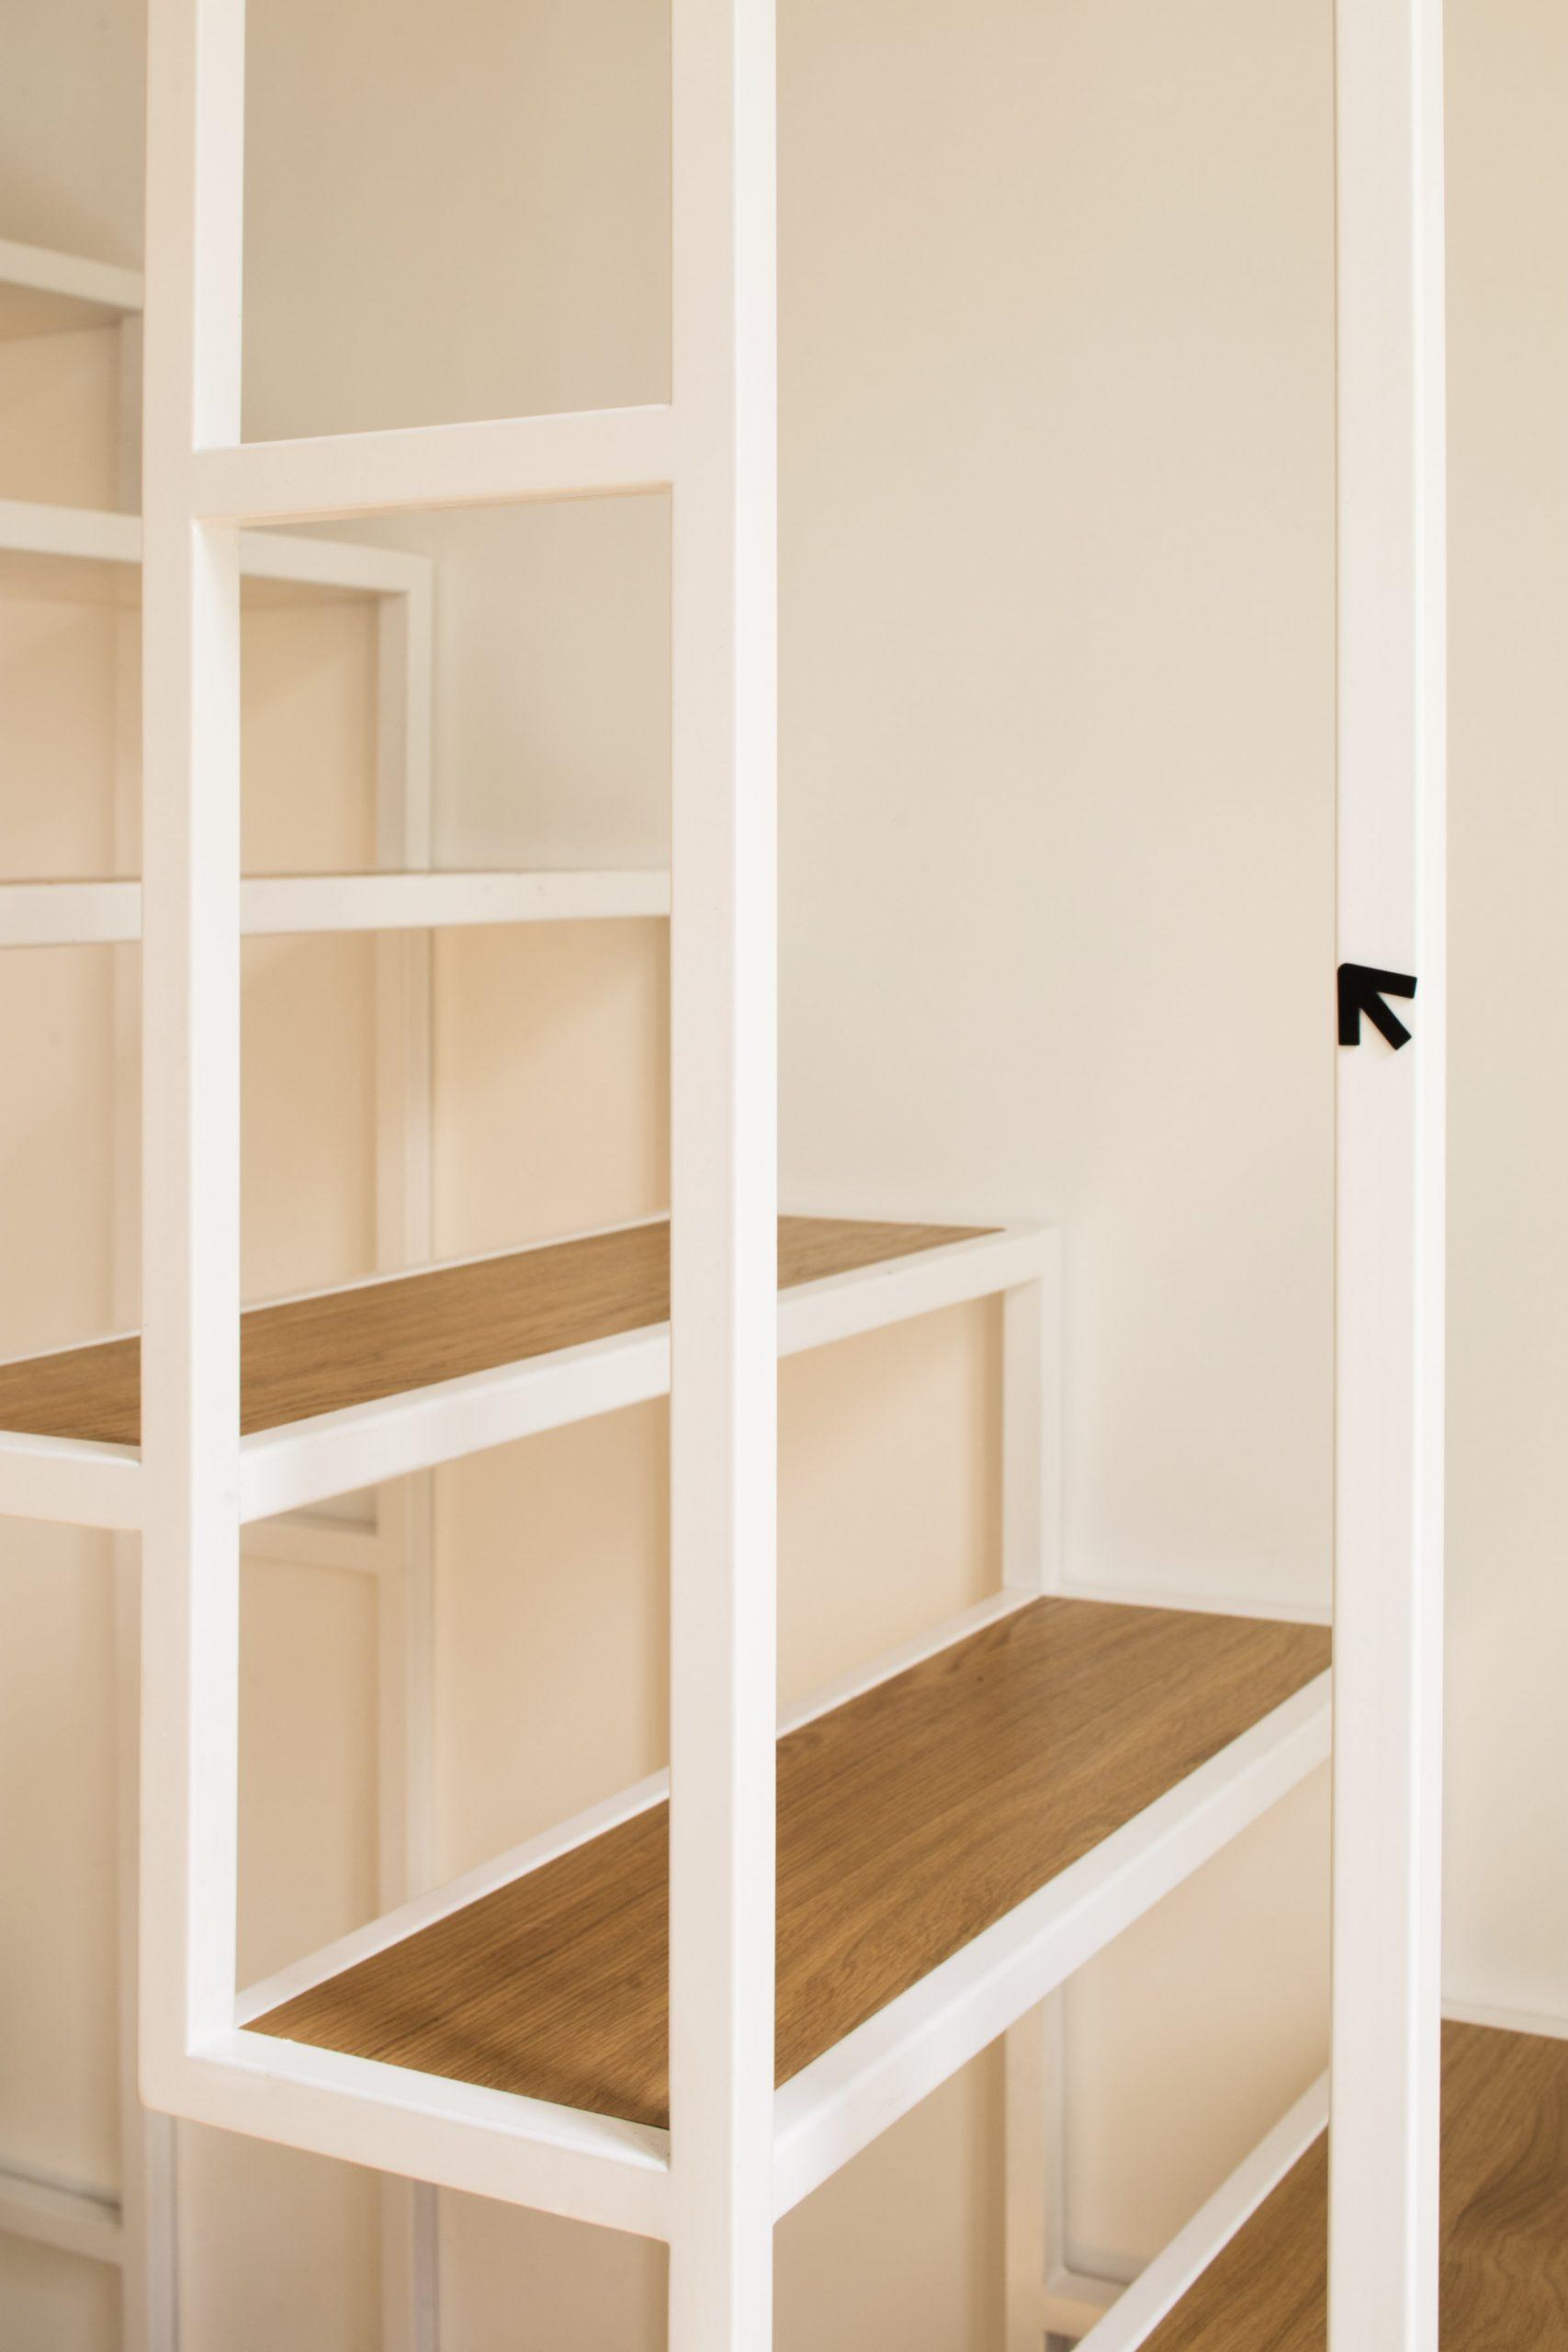 Thiết kế cầu thang cho nhà nhỏ 12